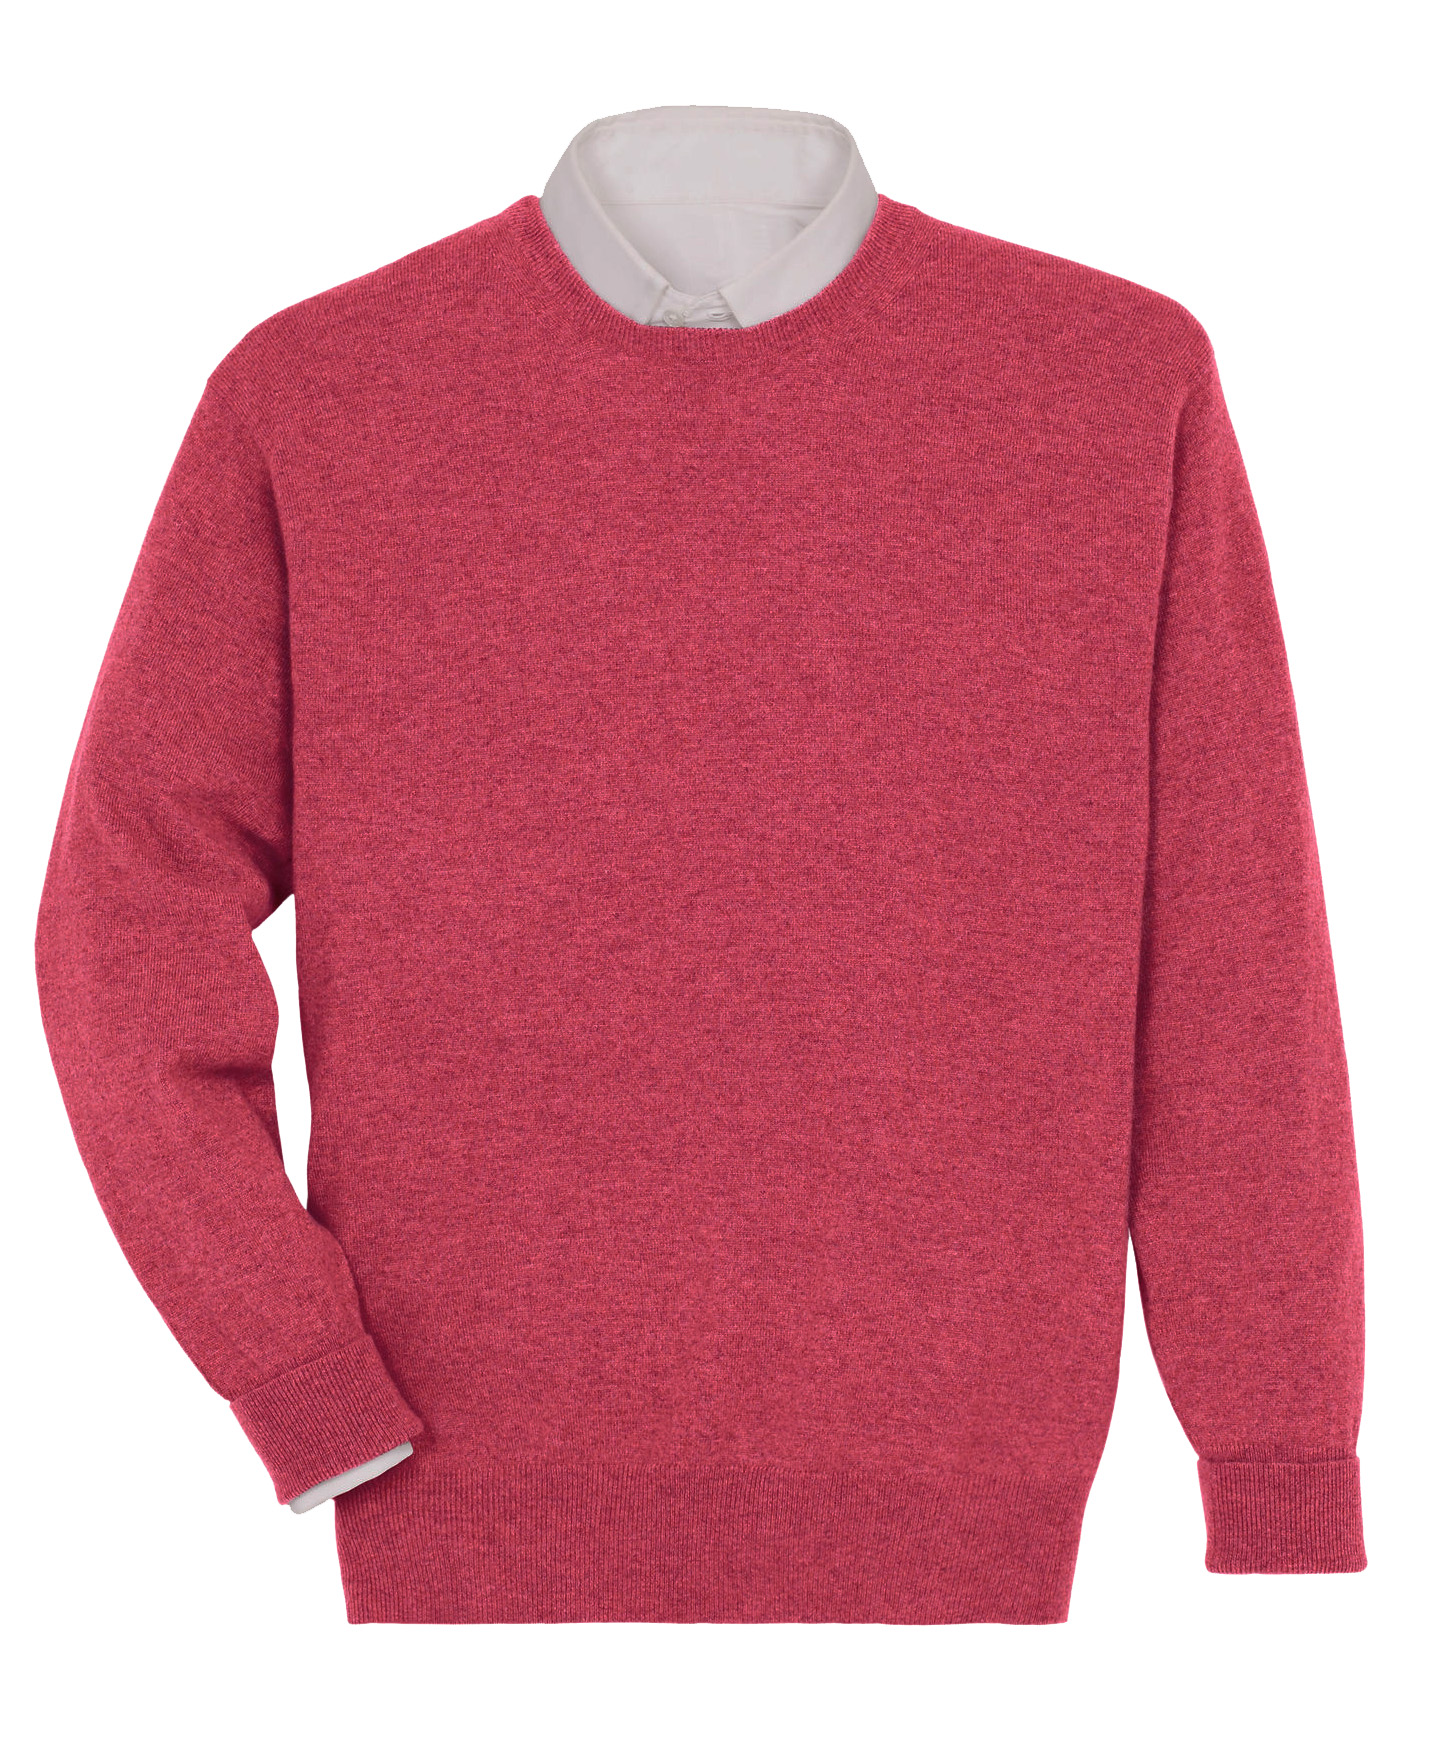 Pánský svetr  d4fb77bbf4